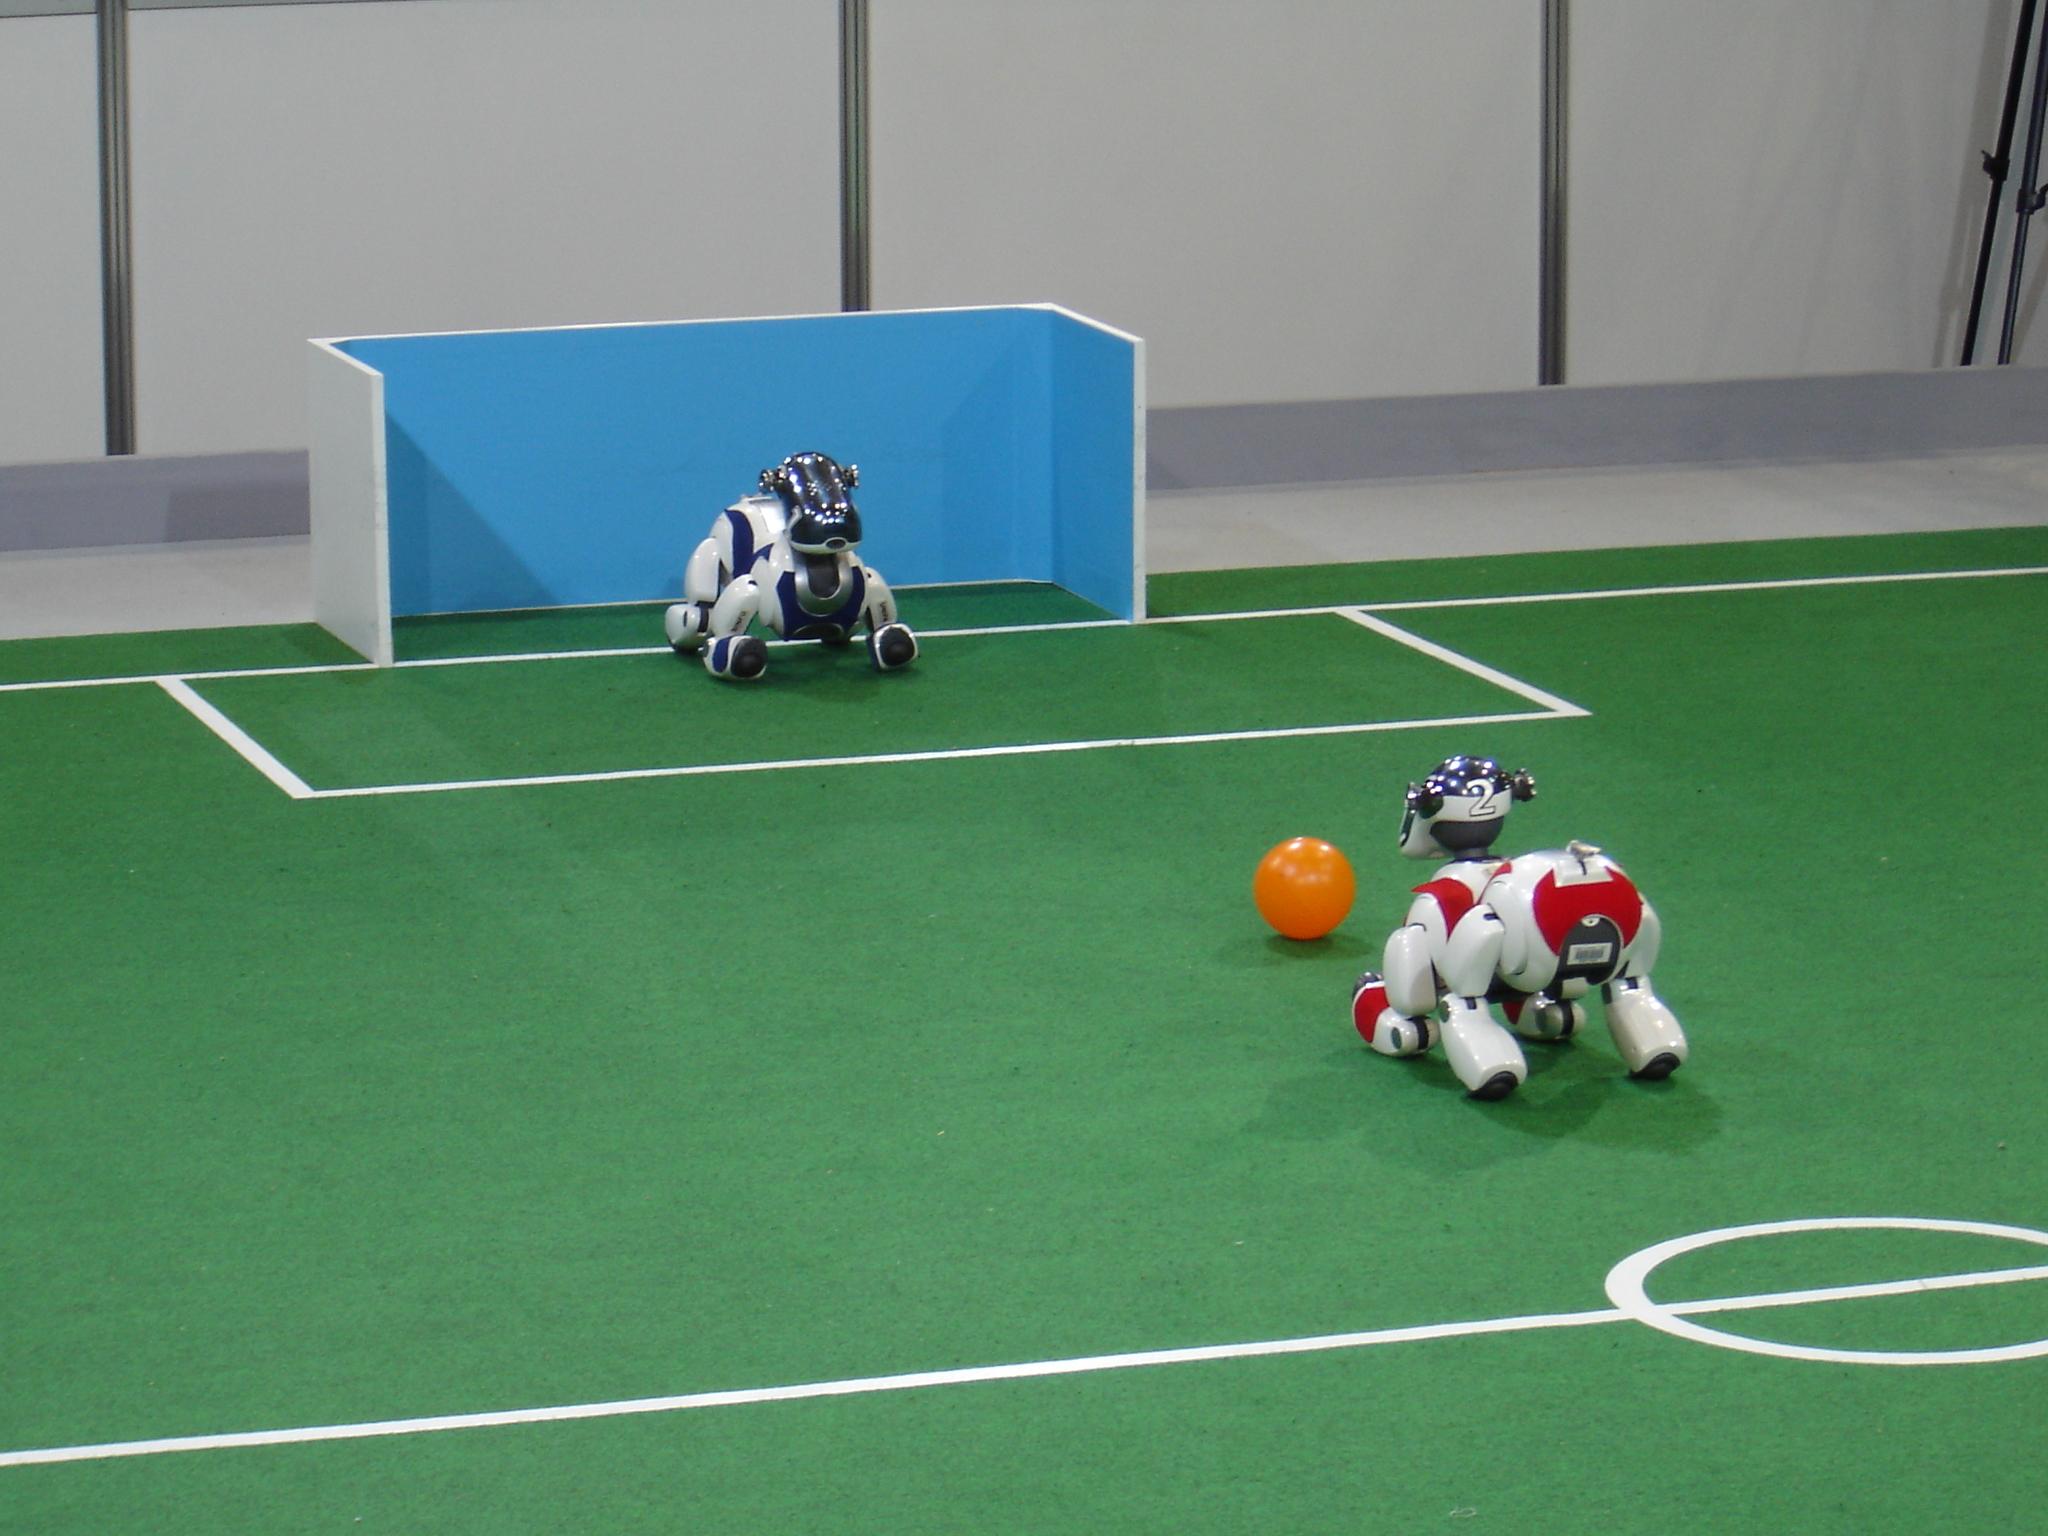 Der Spielzeugroboter Aibo im Turnier